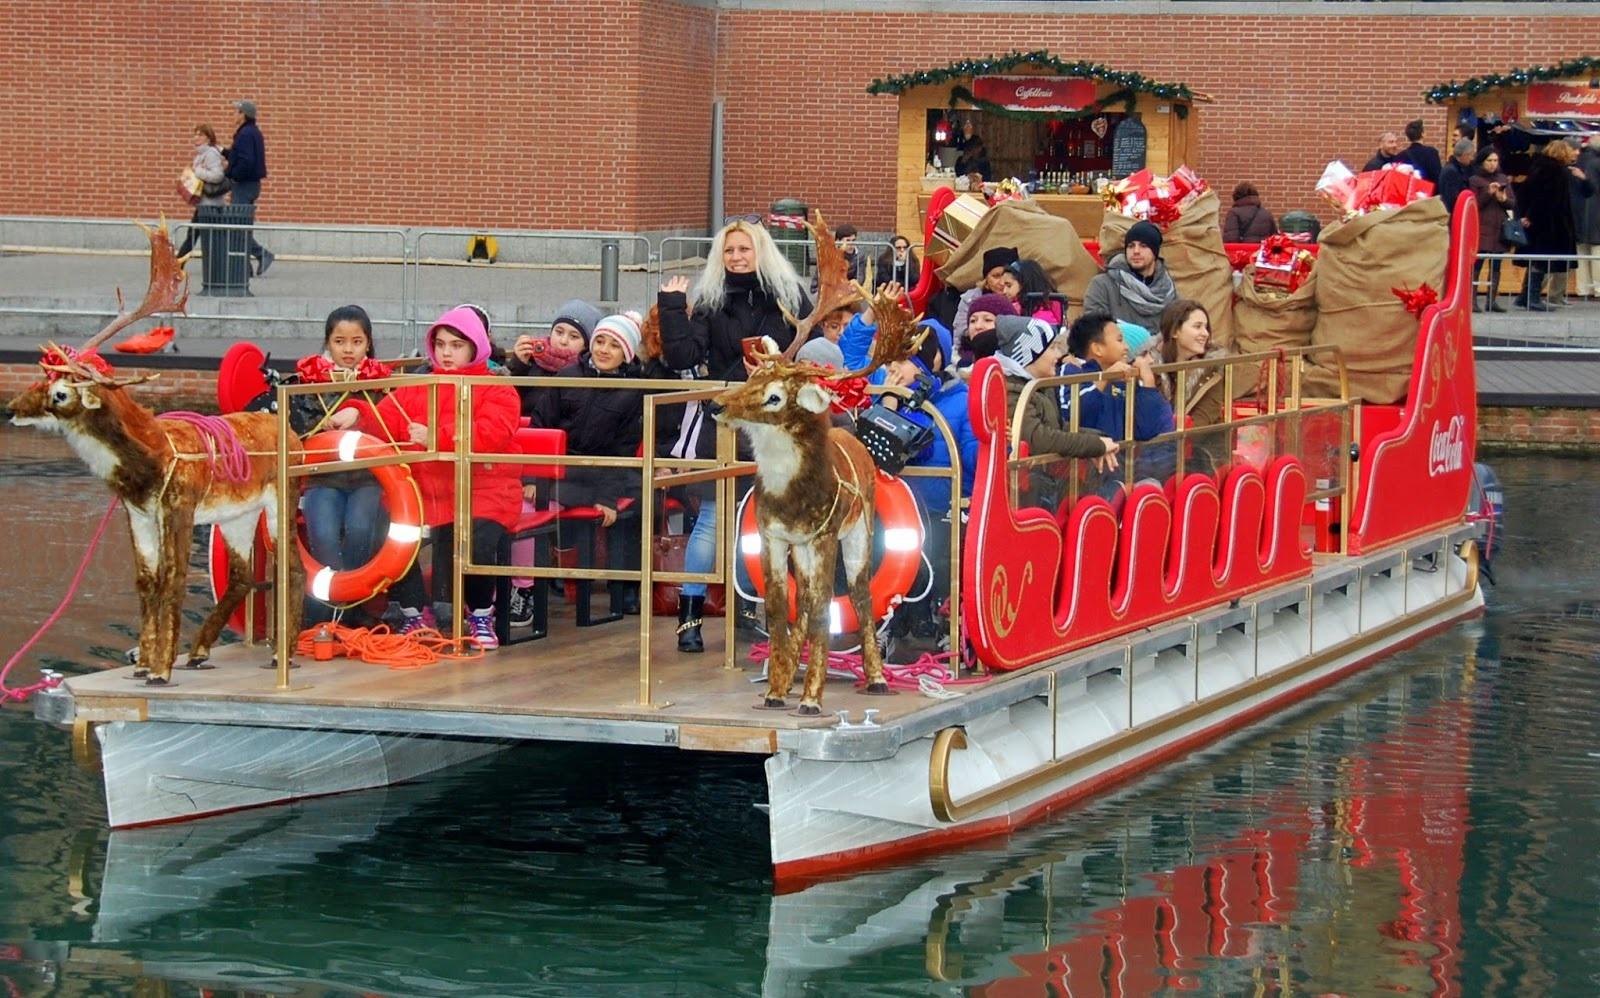 Slitta di Babbo Natale in Darsena a Milano